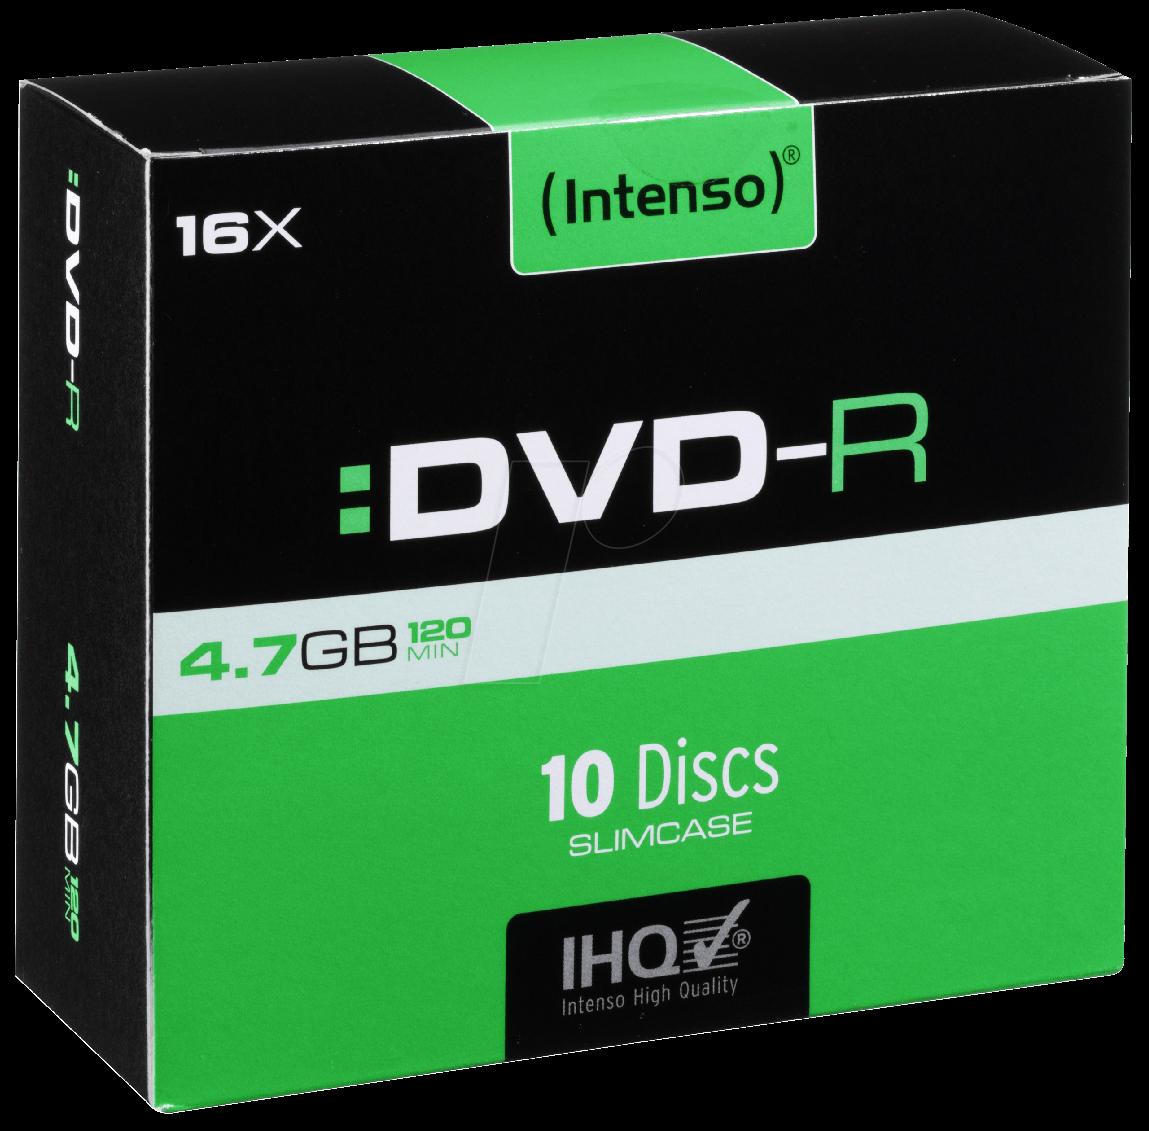 https://cdn-reichelt.de/bilder/web/xxl_ws/I100/INT_DVD-R10.png